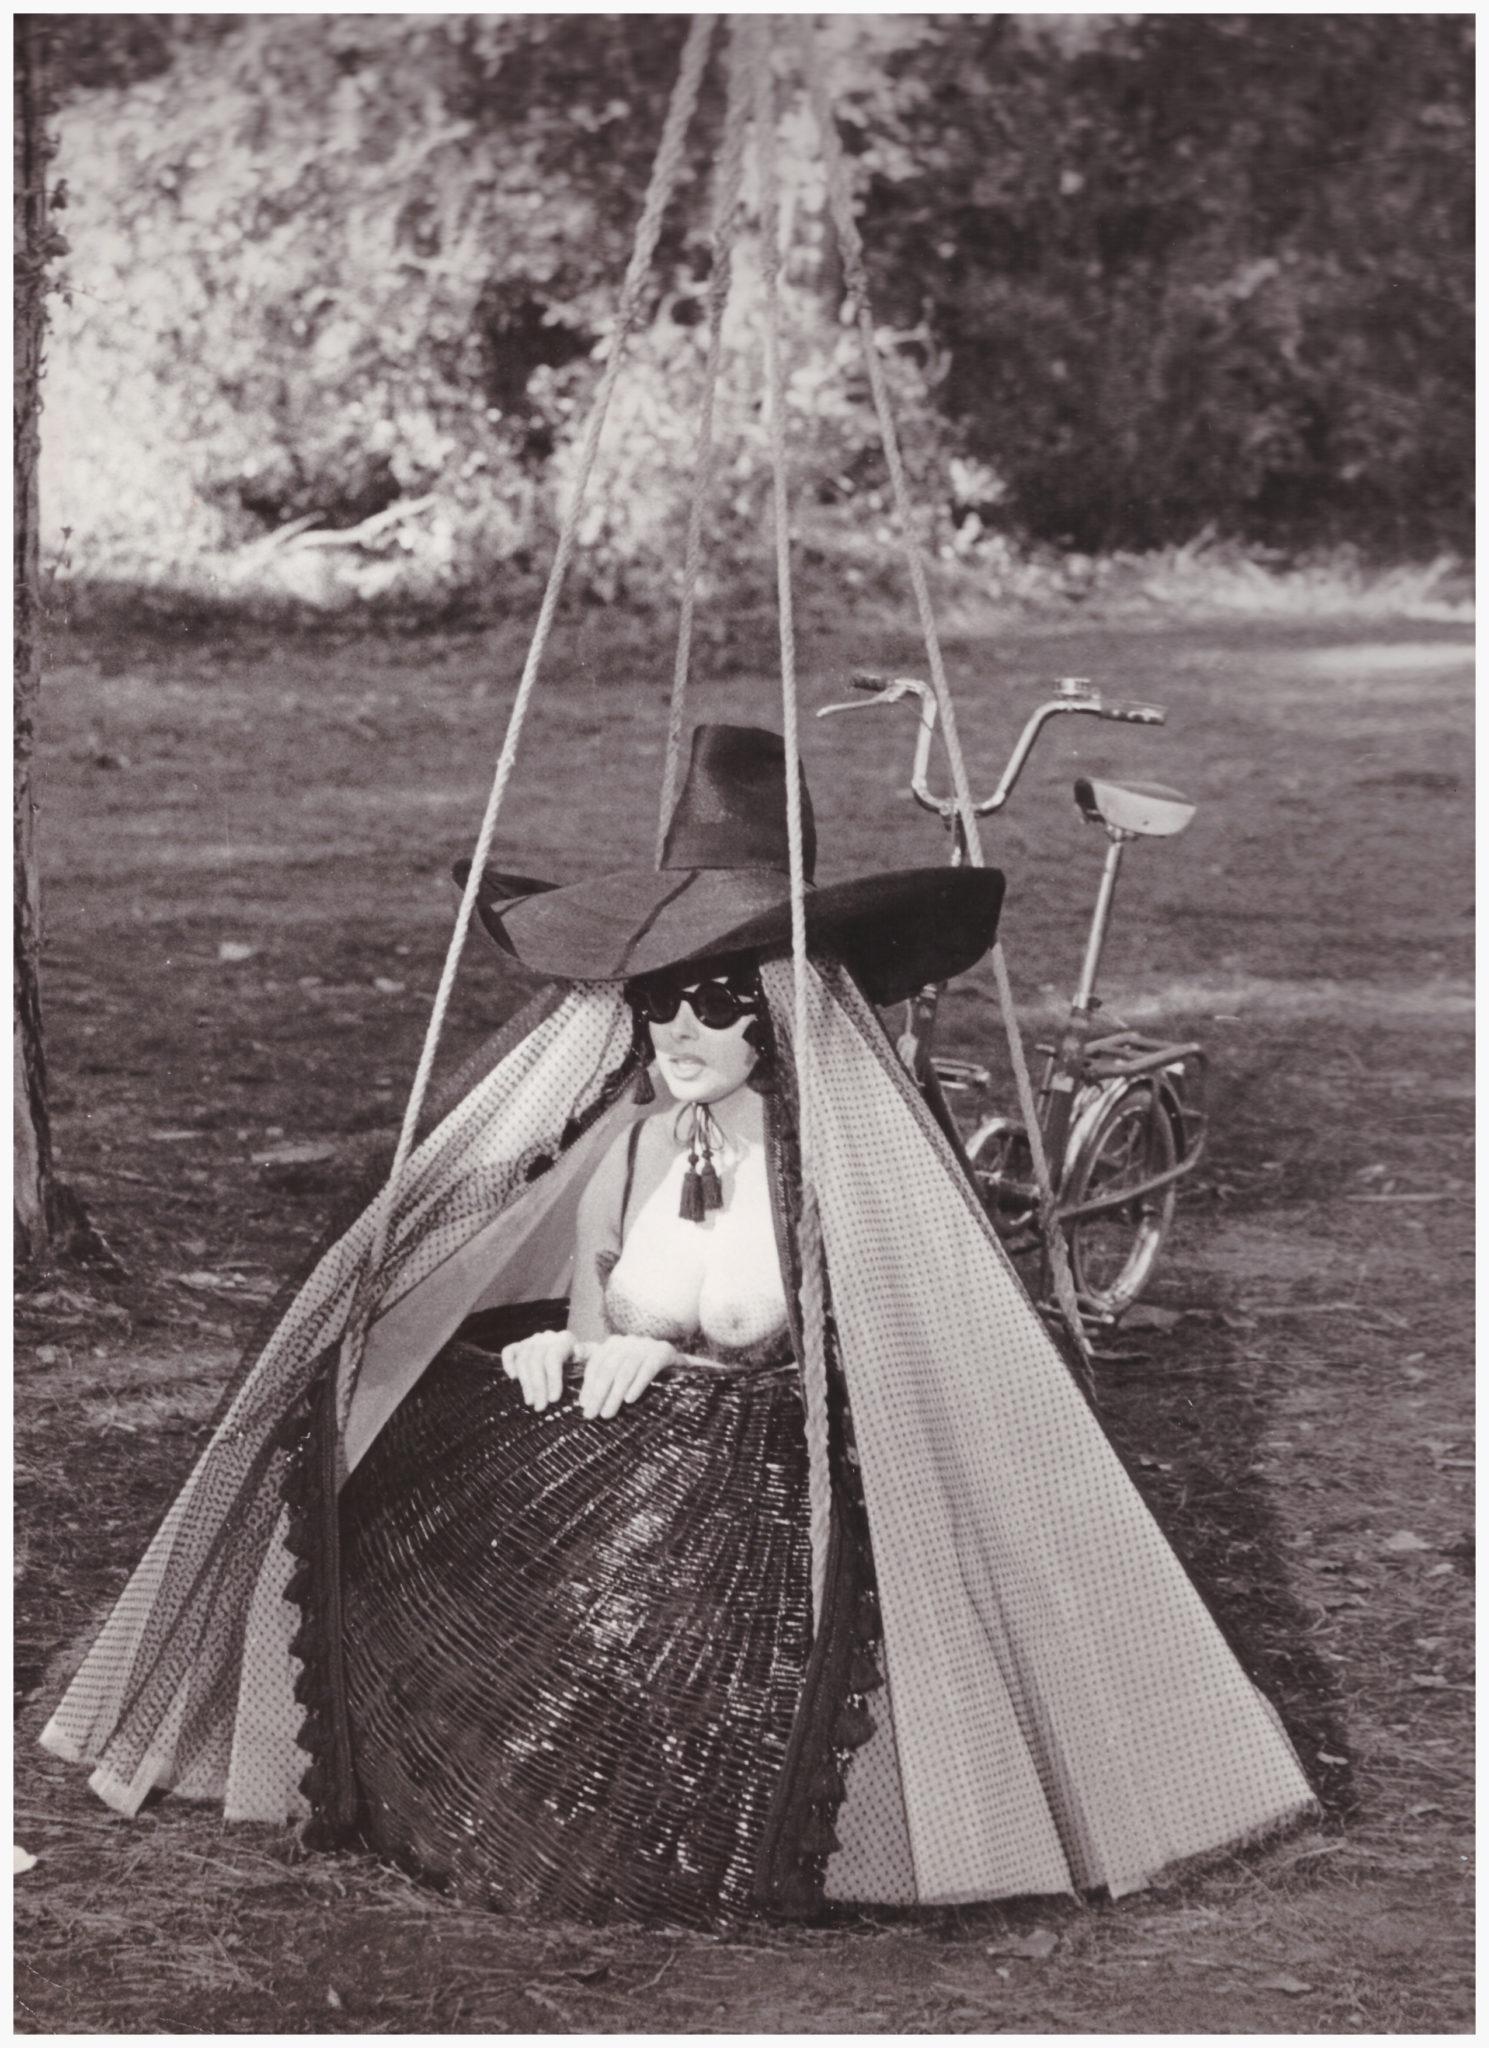 Milo sul set di Giulietta degli Spiriti, 1965 - Foto Franco Pinna 2